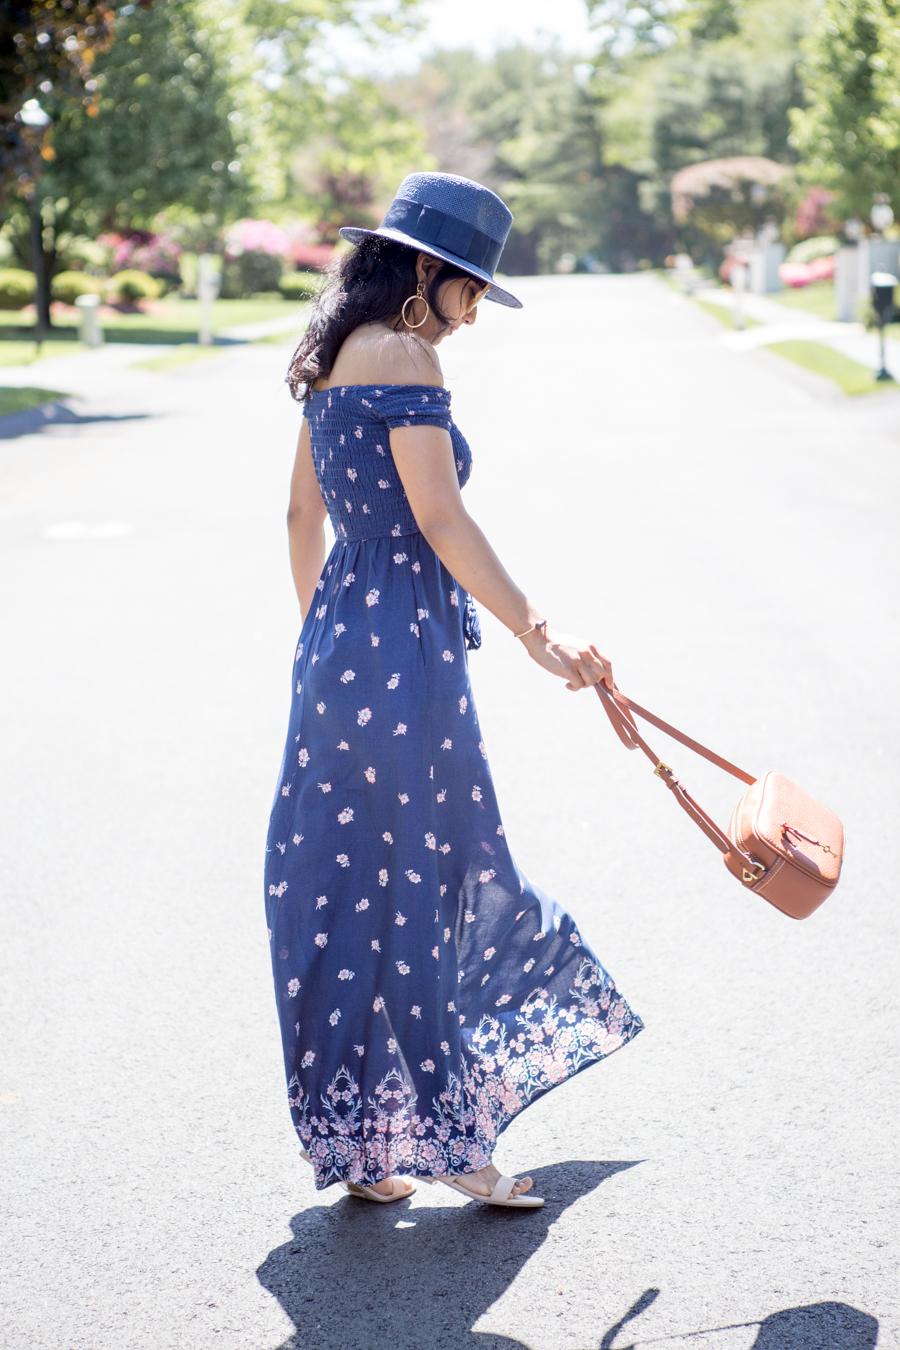 smocked, maxi dress, off the shoulder, OTS, feminine style, style blog, petite blogger, maxi dress, affordable style, targetstyle, mytargetstyle, summer fashion, petite hacks, petite style tips, personal style, feminine dresses